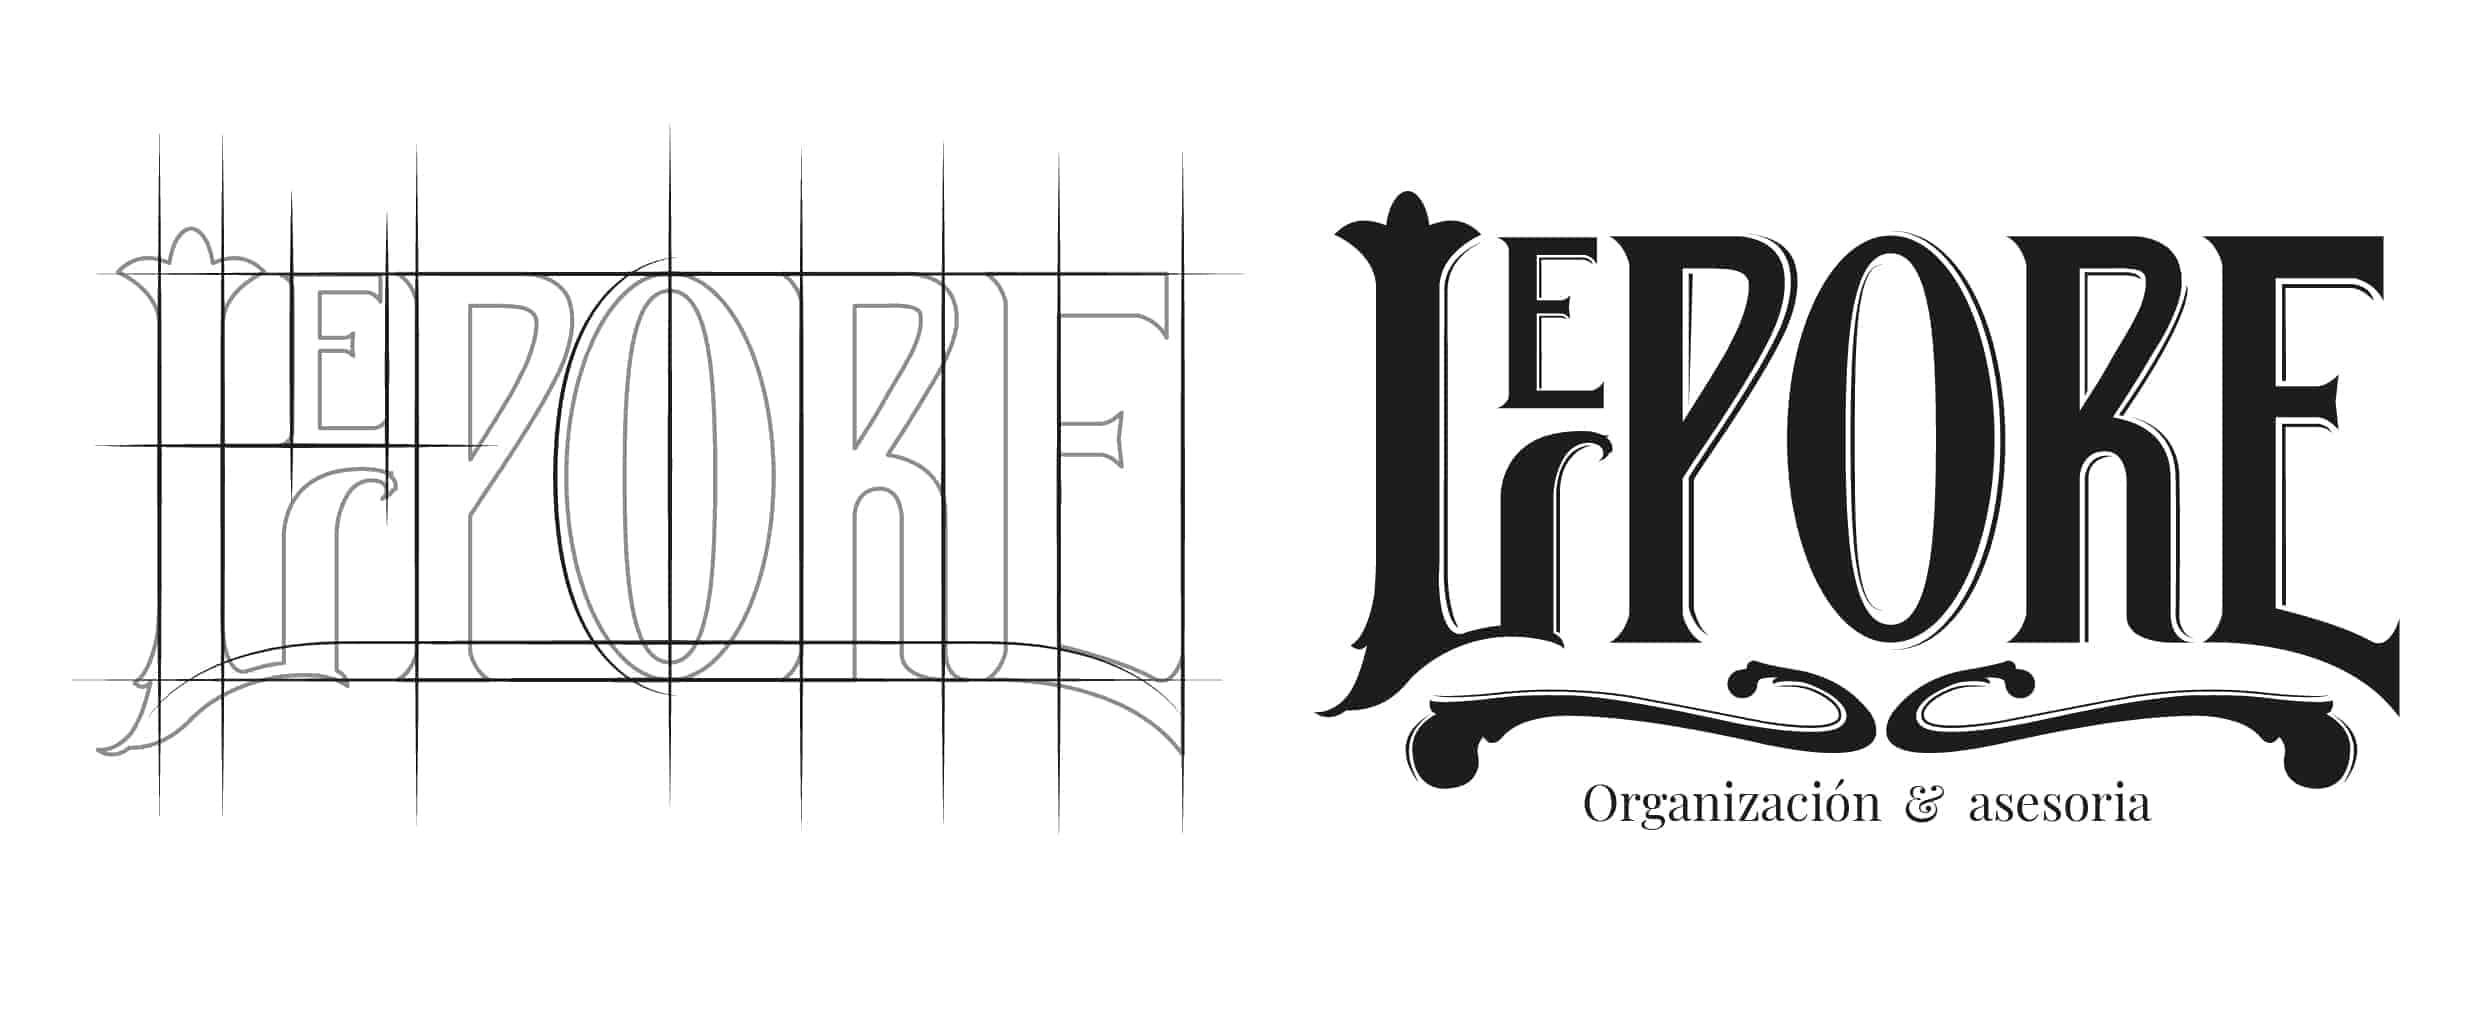 Brand Lepore